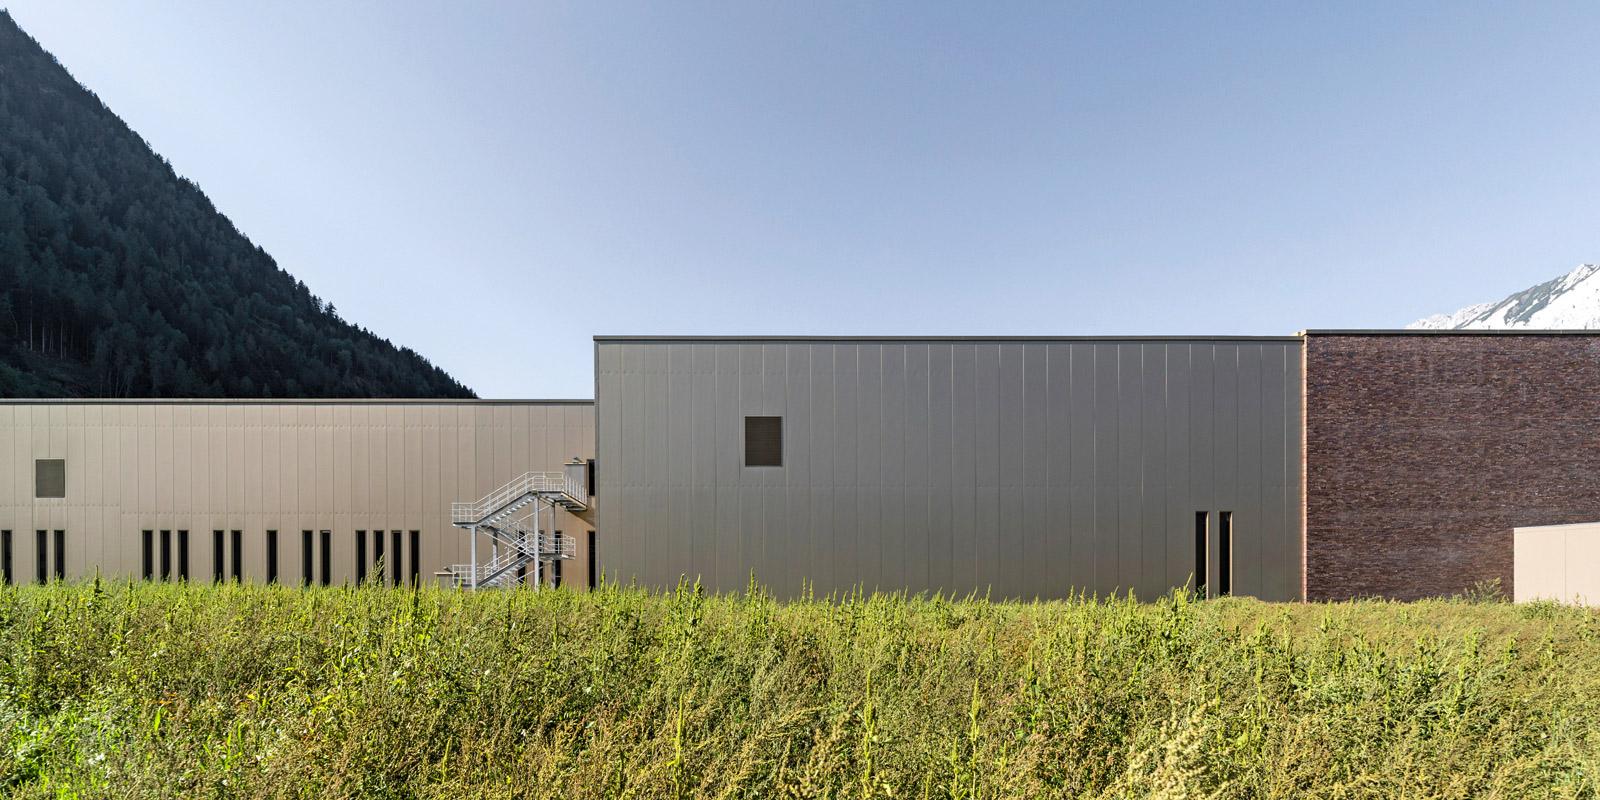 Das Produktionsgebäude erhielt ein modernes, technisches Aussehen. Foto: ATP/Bause